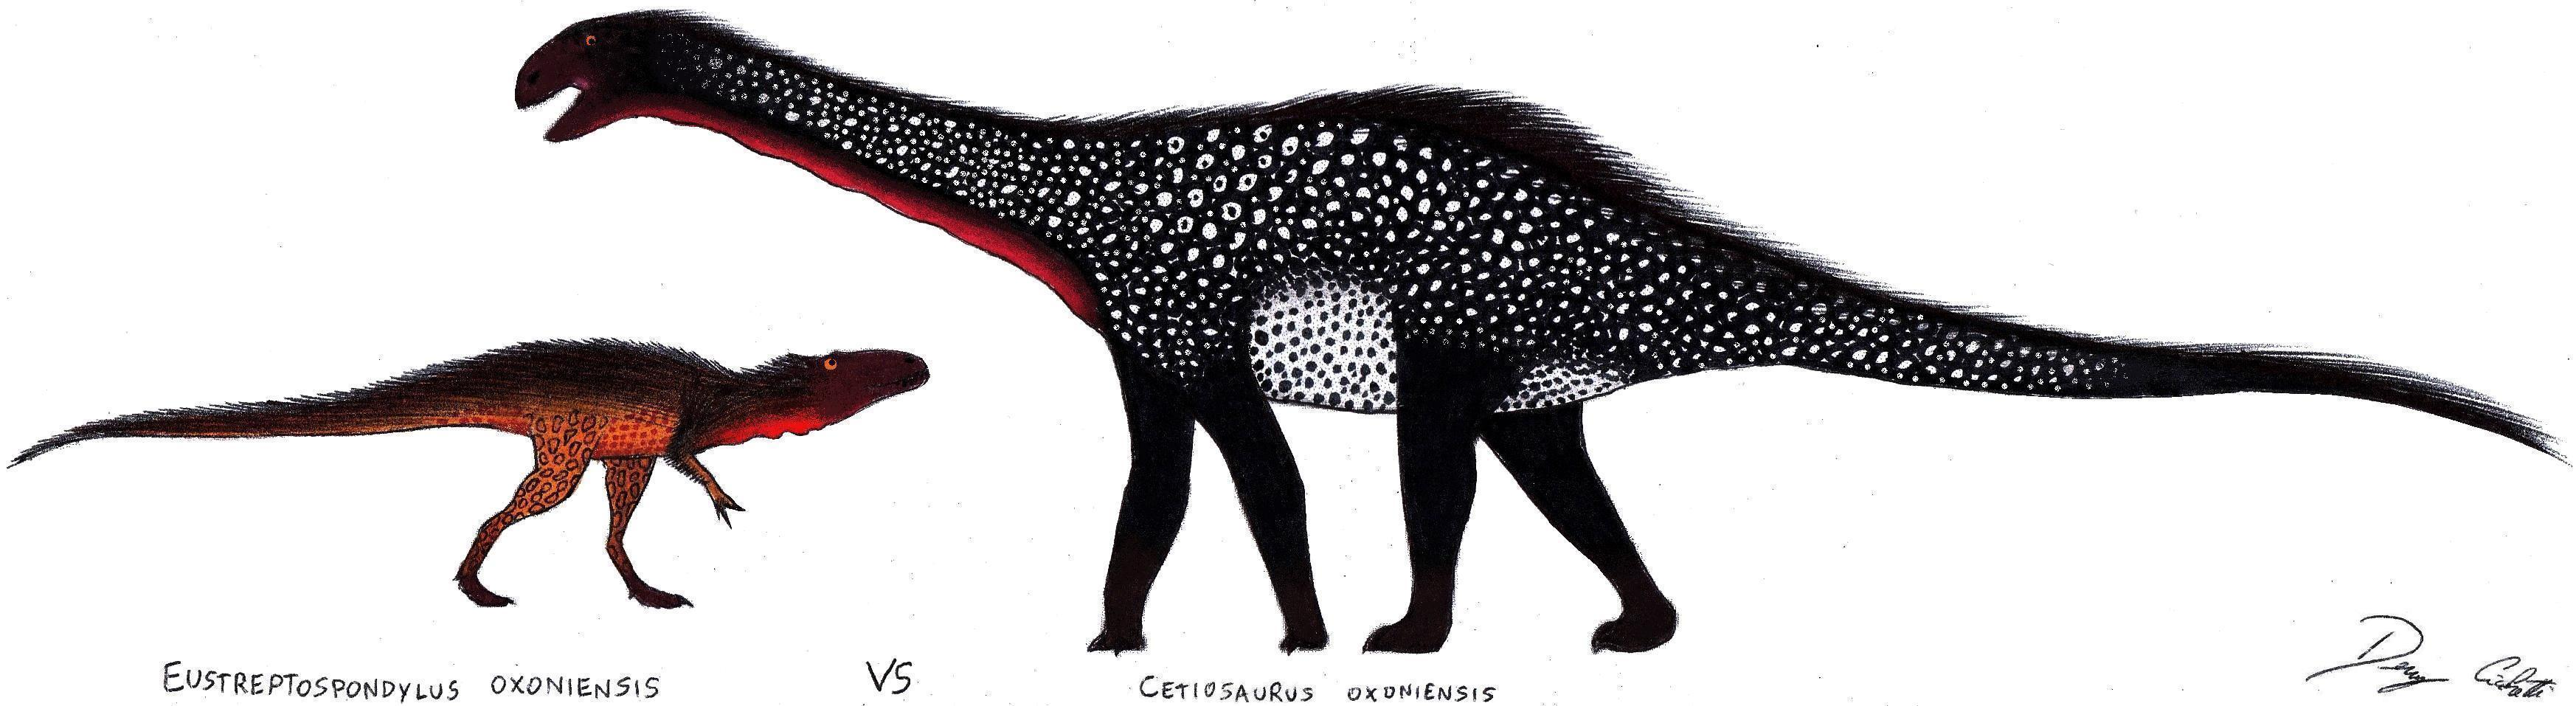 Eustreptospondylus VS Cetiosaurus by Dennonyx